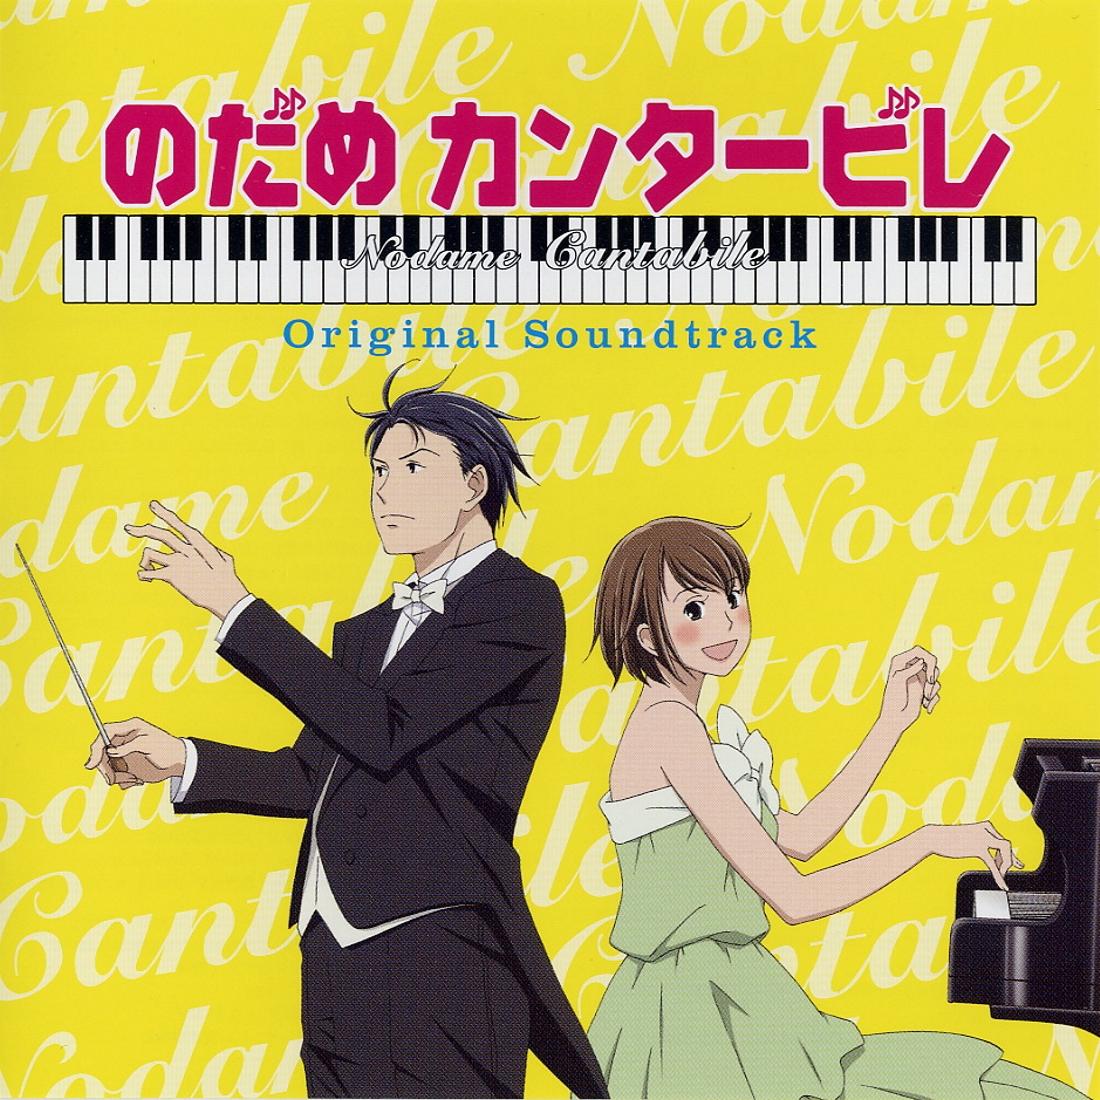 Nodame Cantabile 152100: Nodame Cantabile - Ninomiya Tomoko